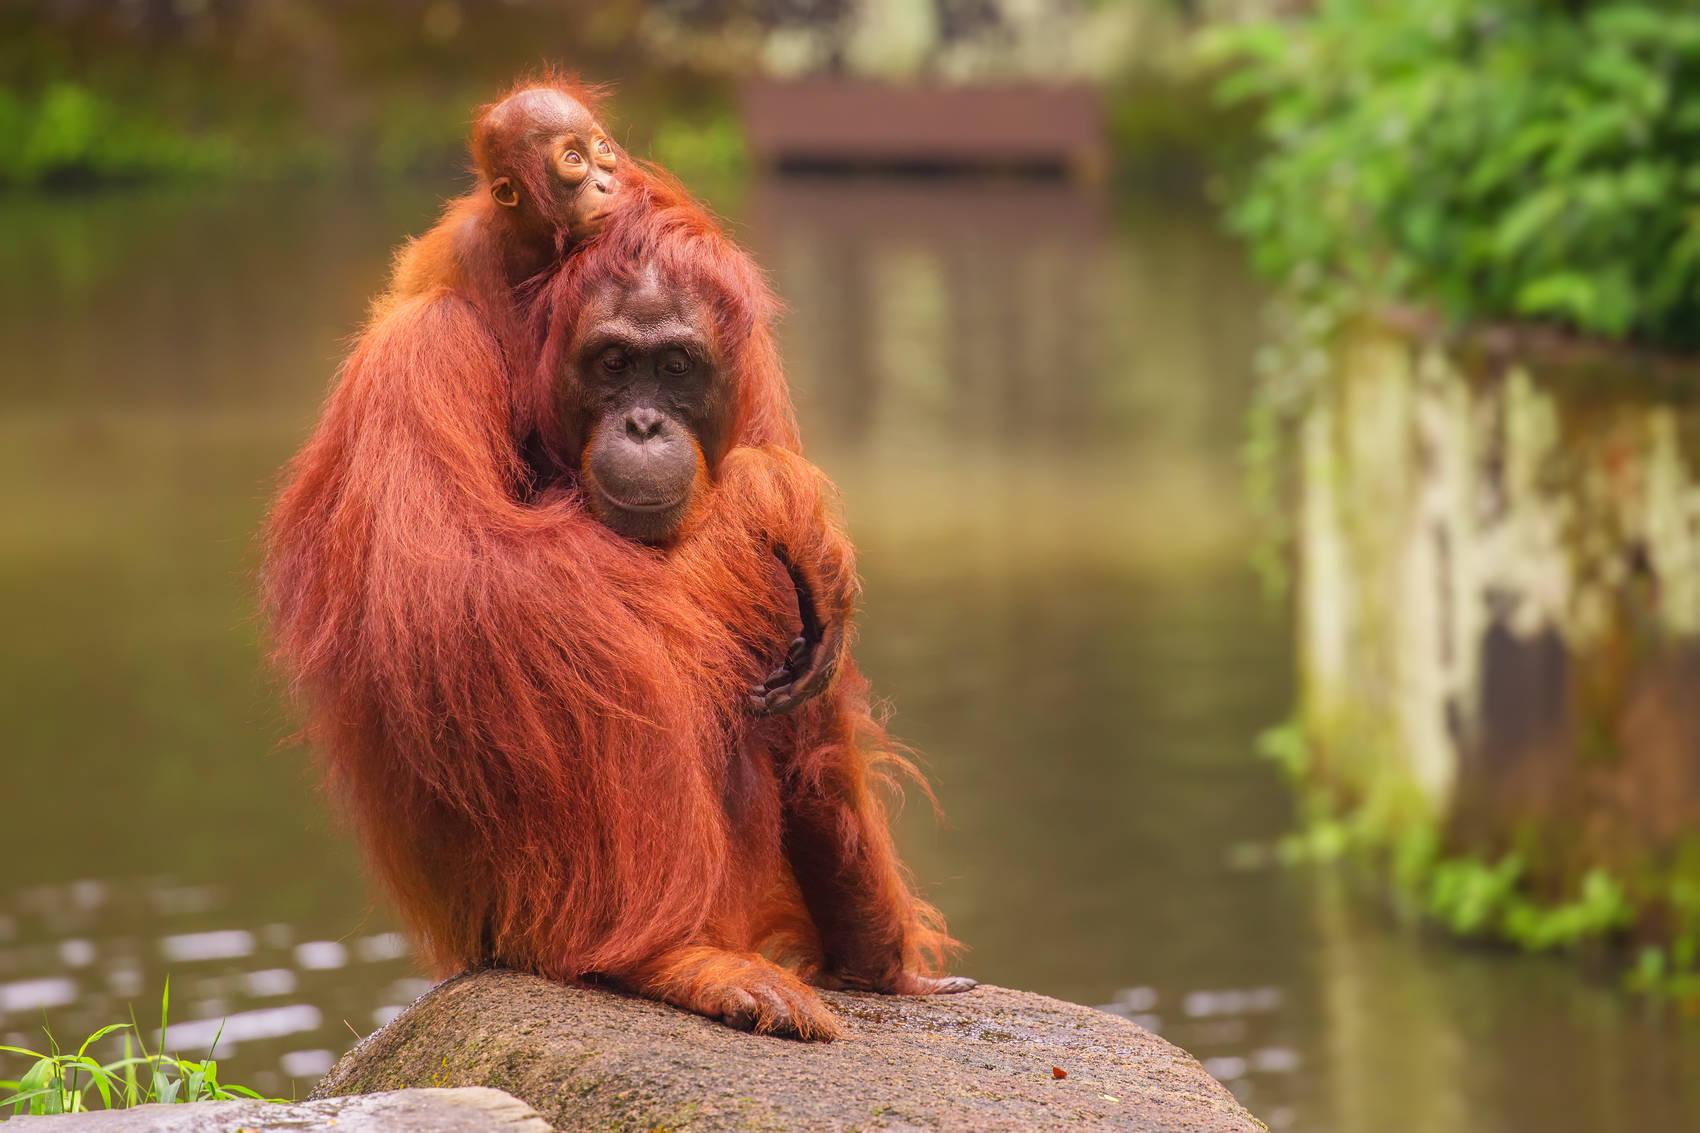 orangatan feeding at Singapore Zoo